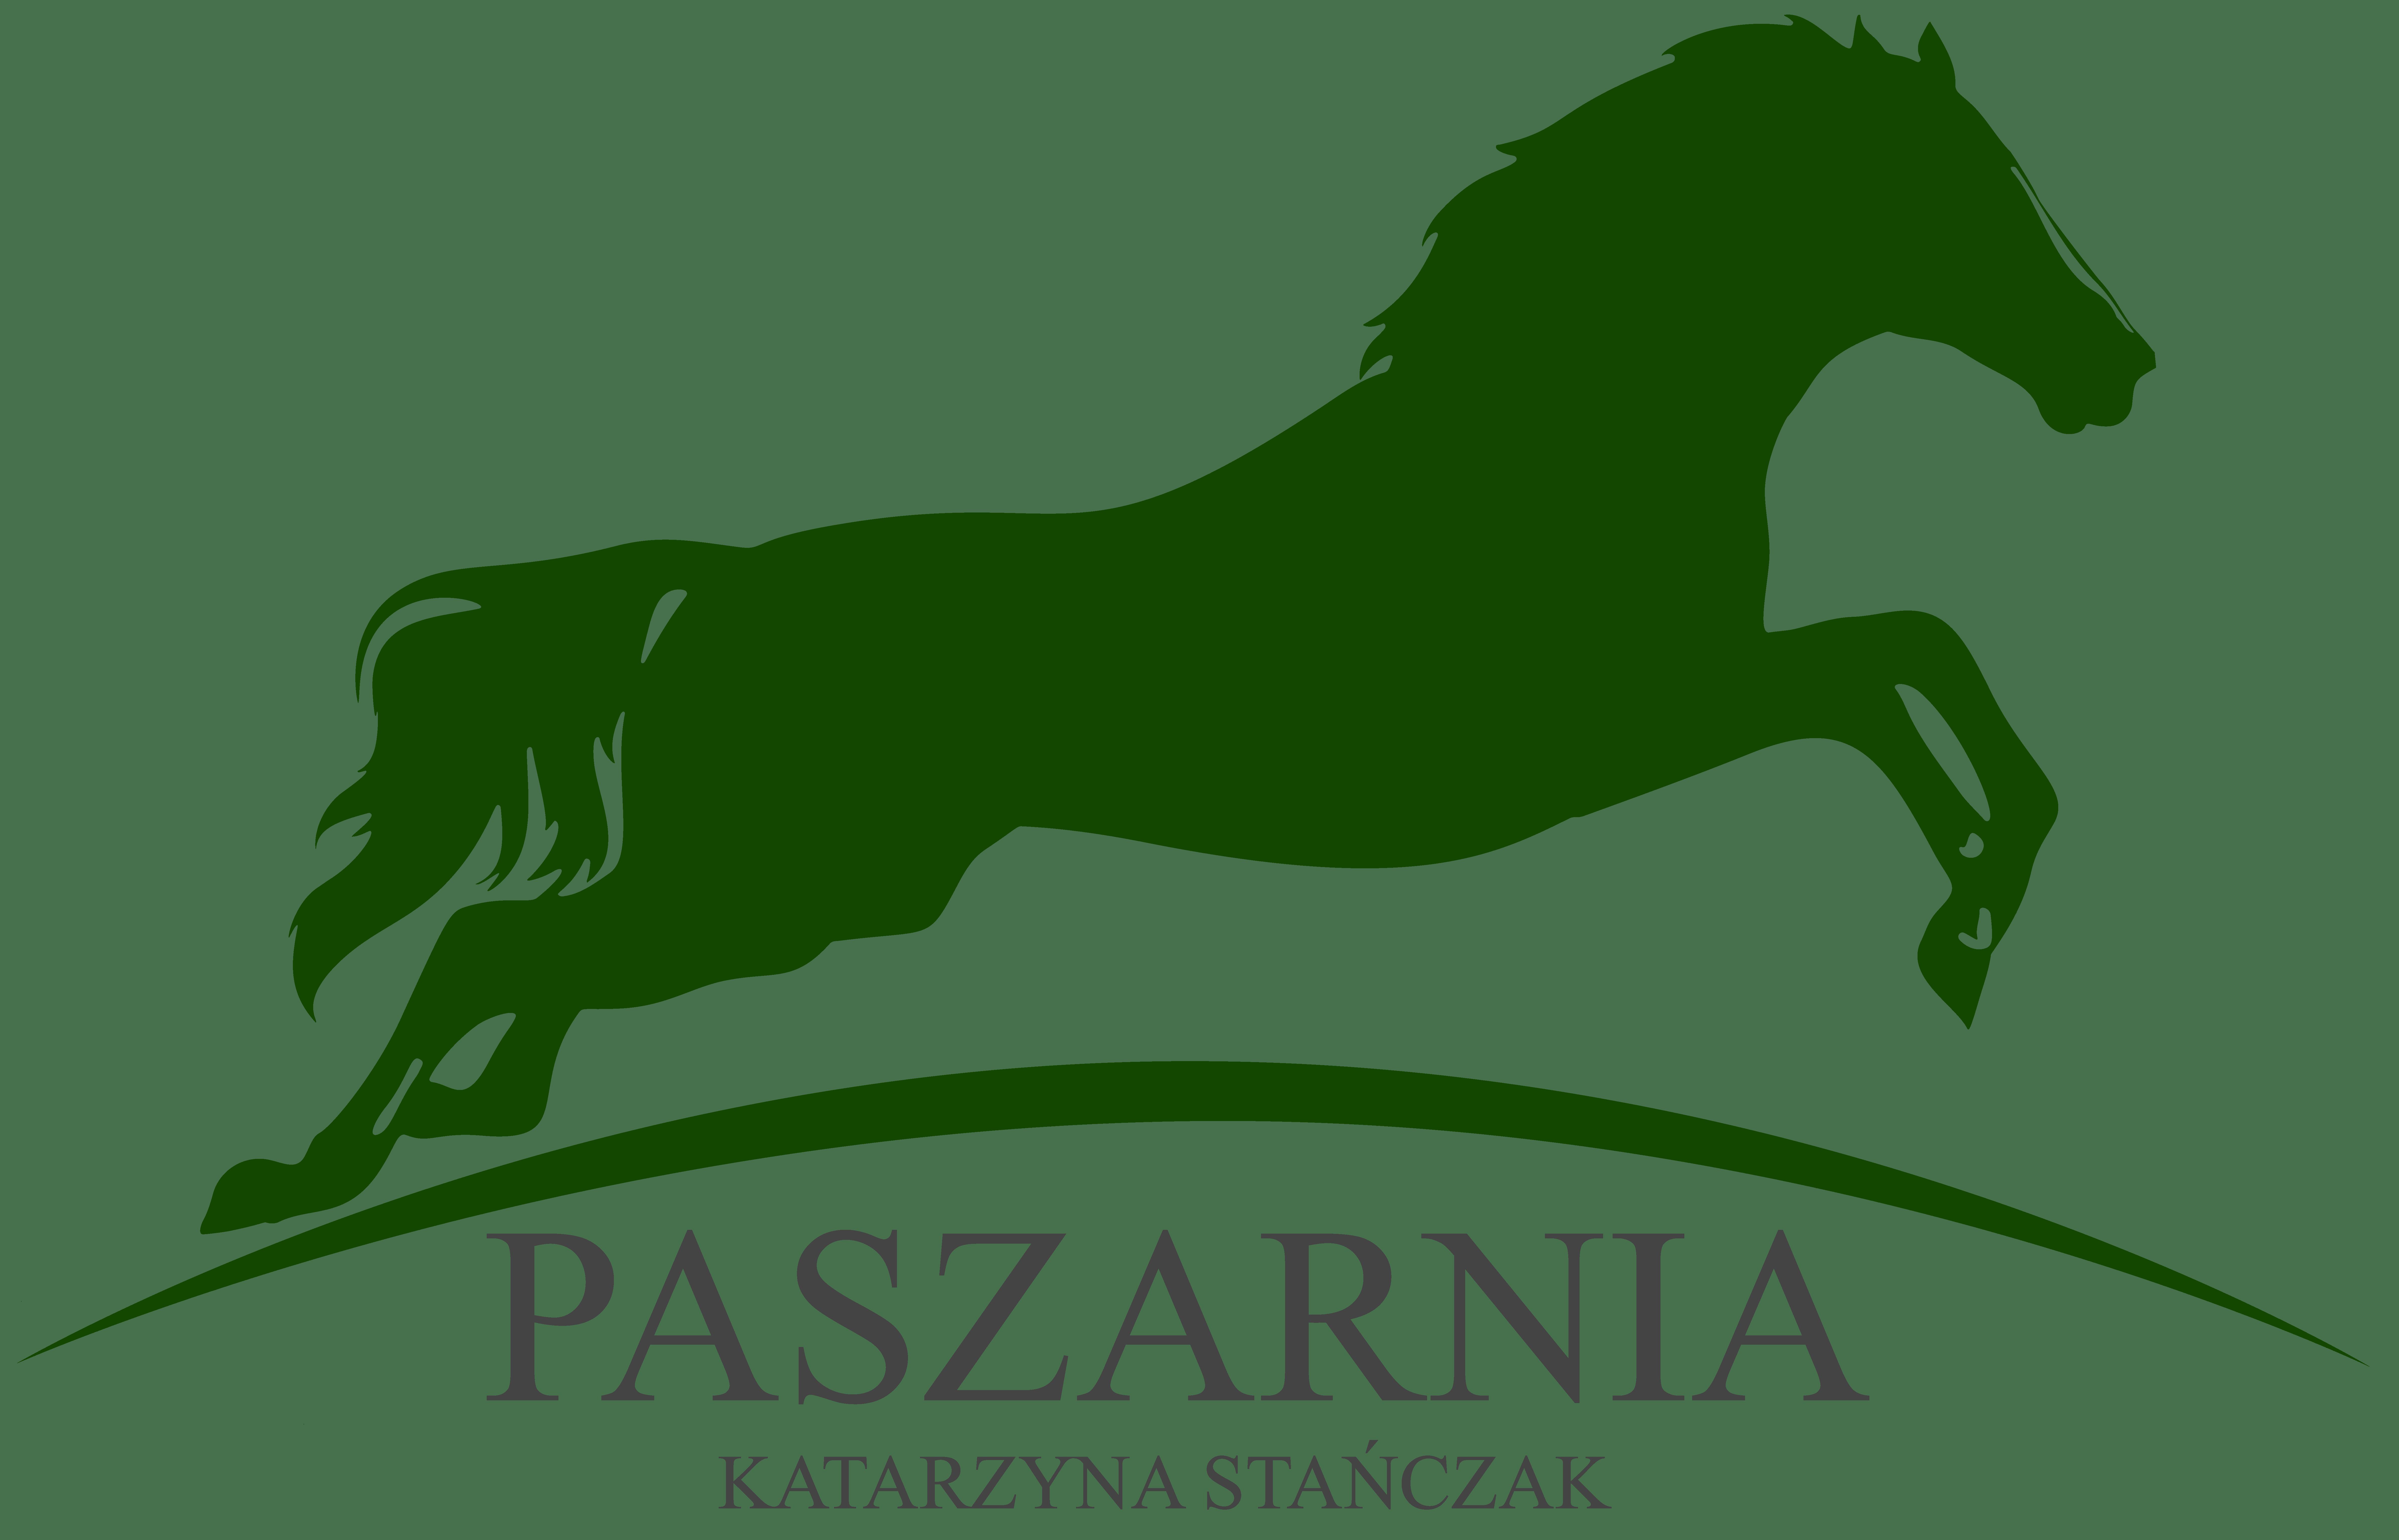 Paszarnia